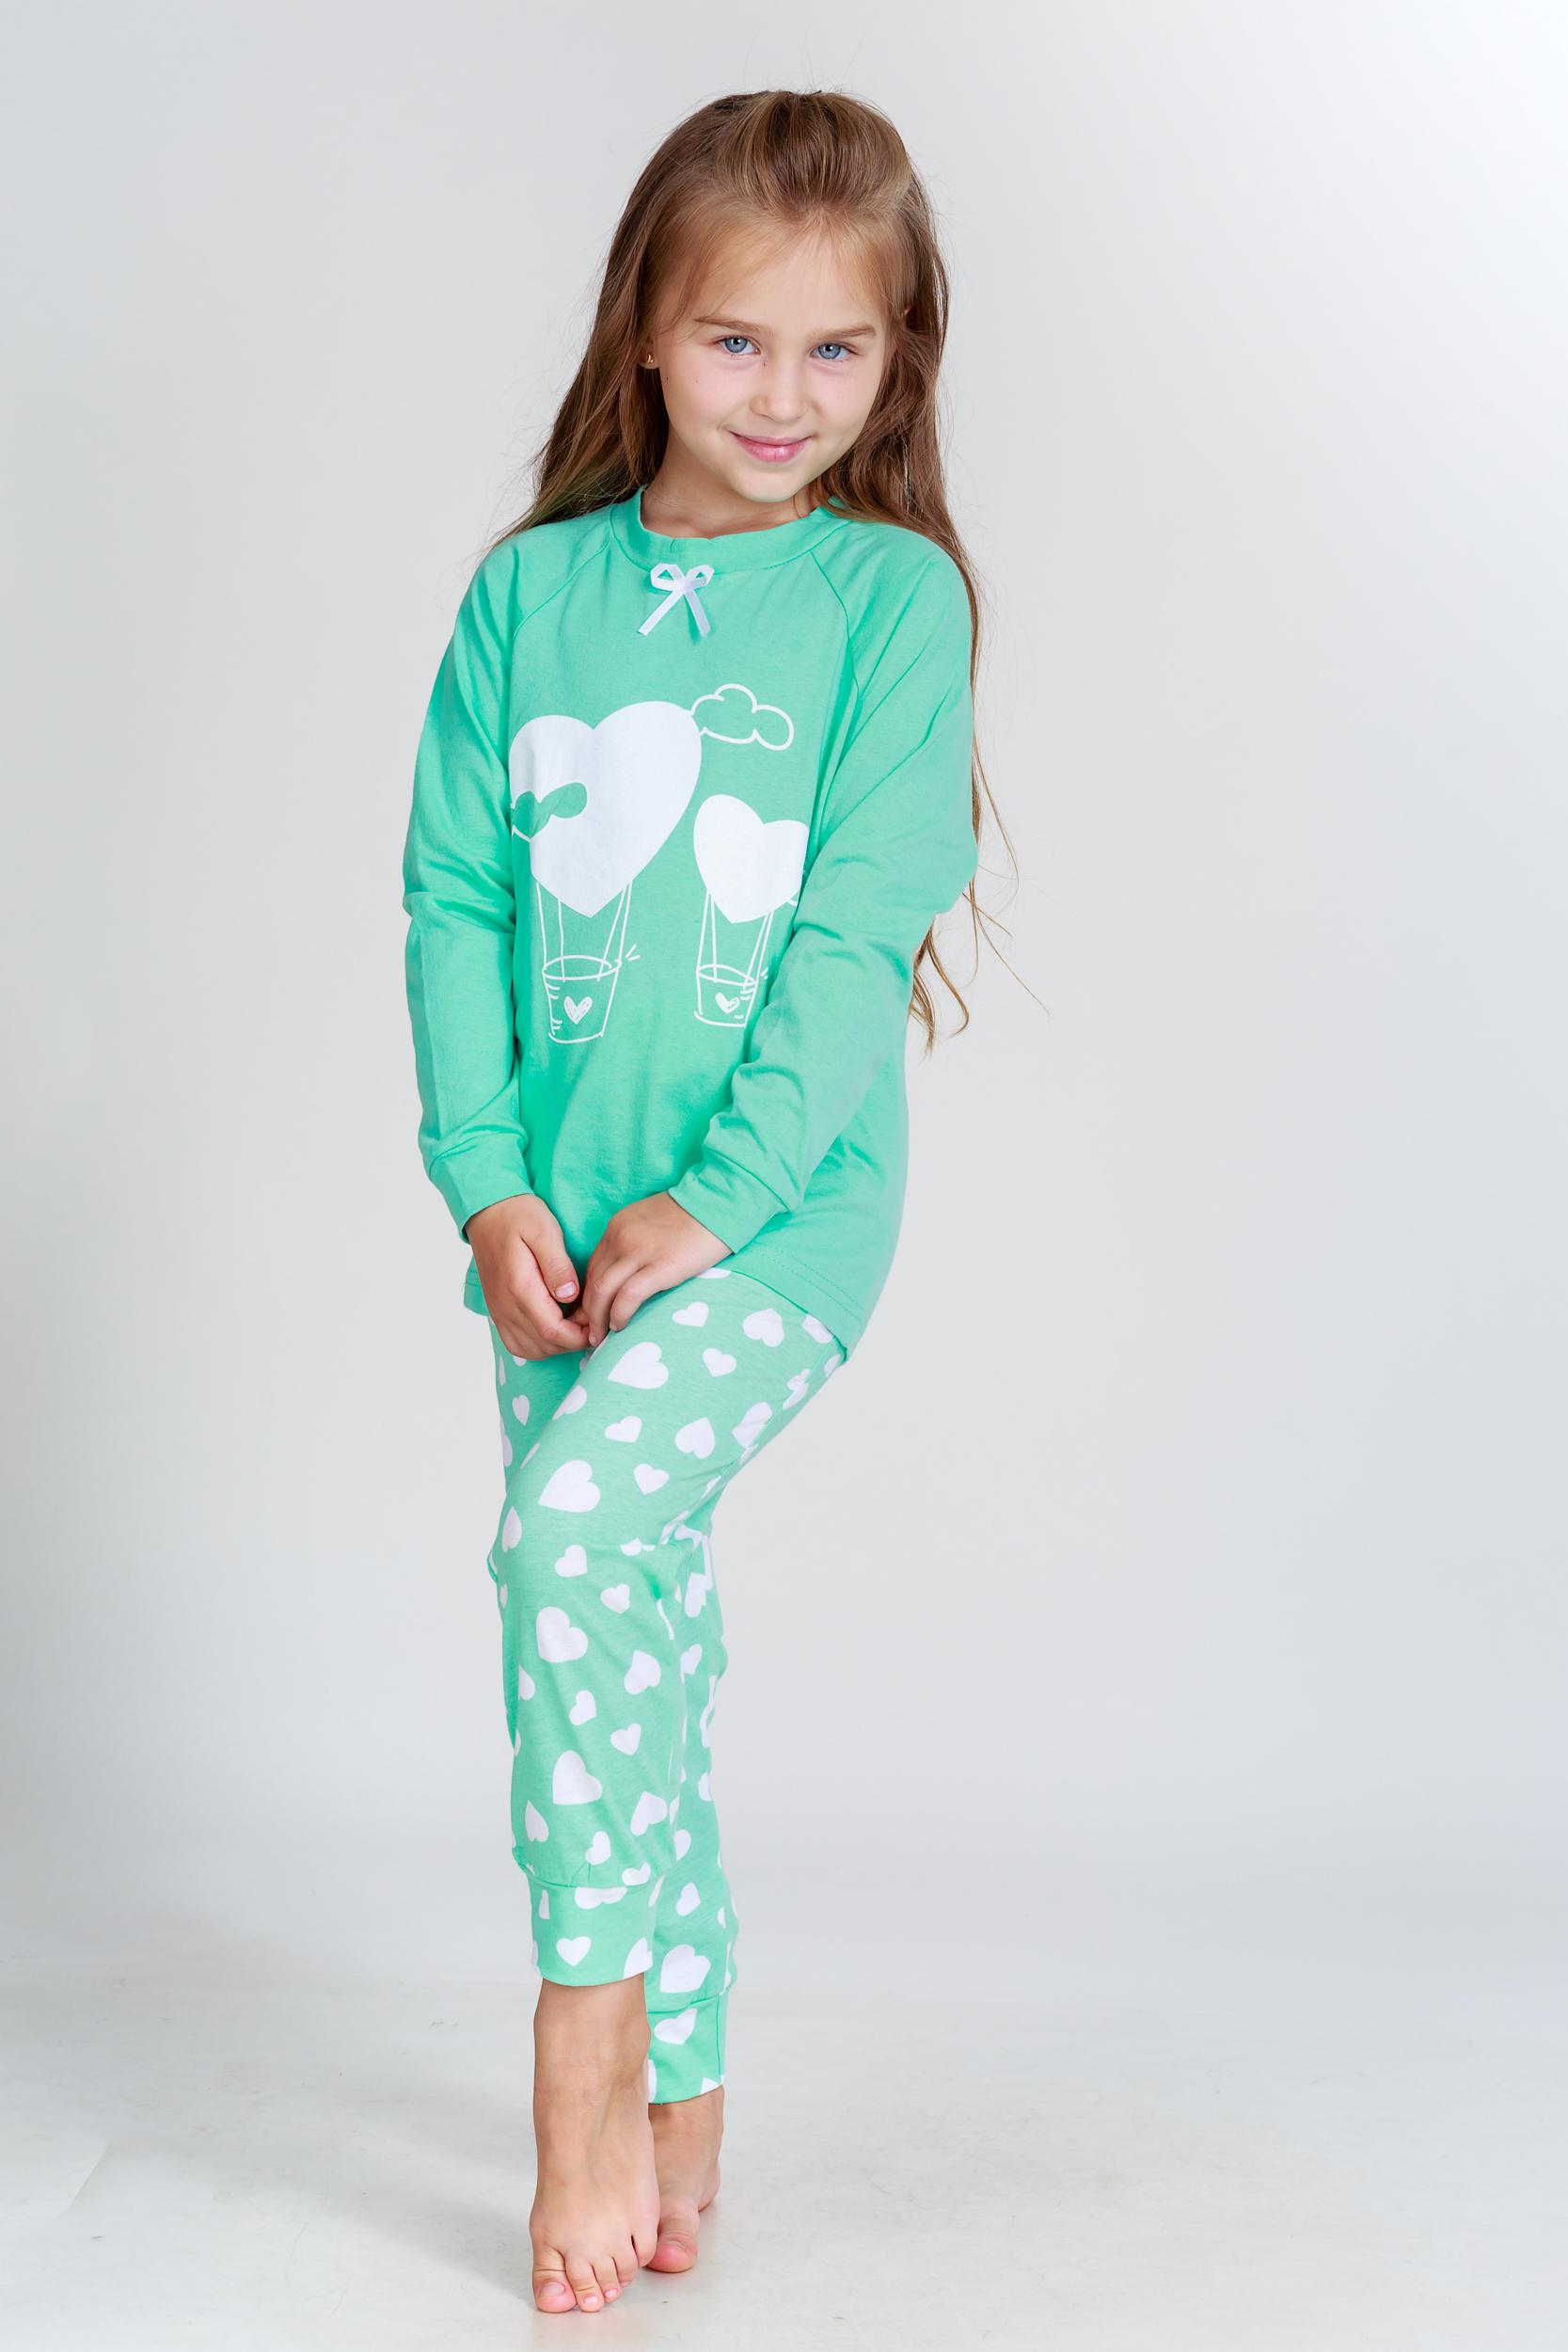 Детские пижамы Pastilla Детская пижама Стелла Цвет: Ментоловый (6 лет) детские пижамы pastilla детская пижама радуга цвет розовый 6 лет